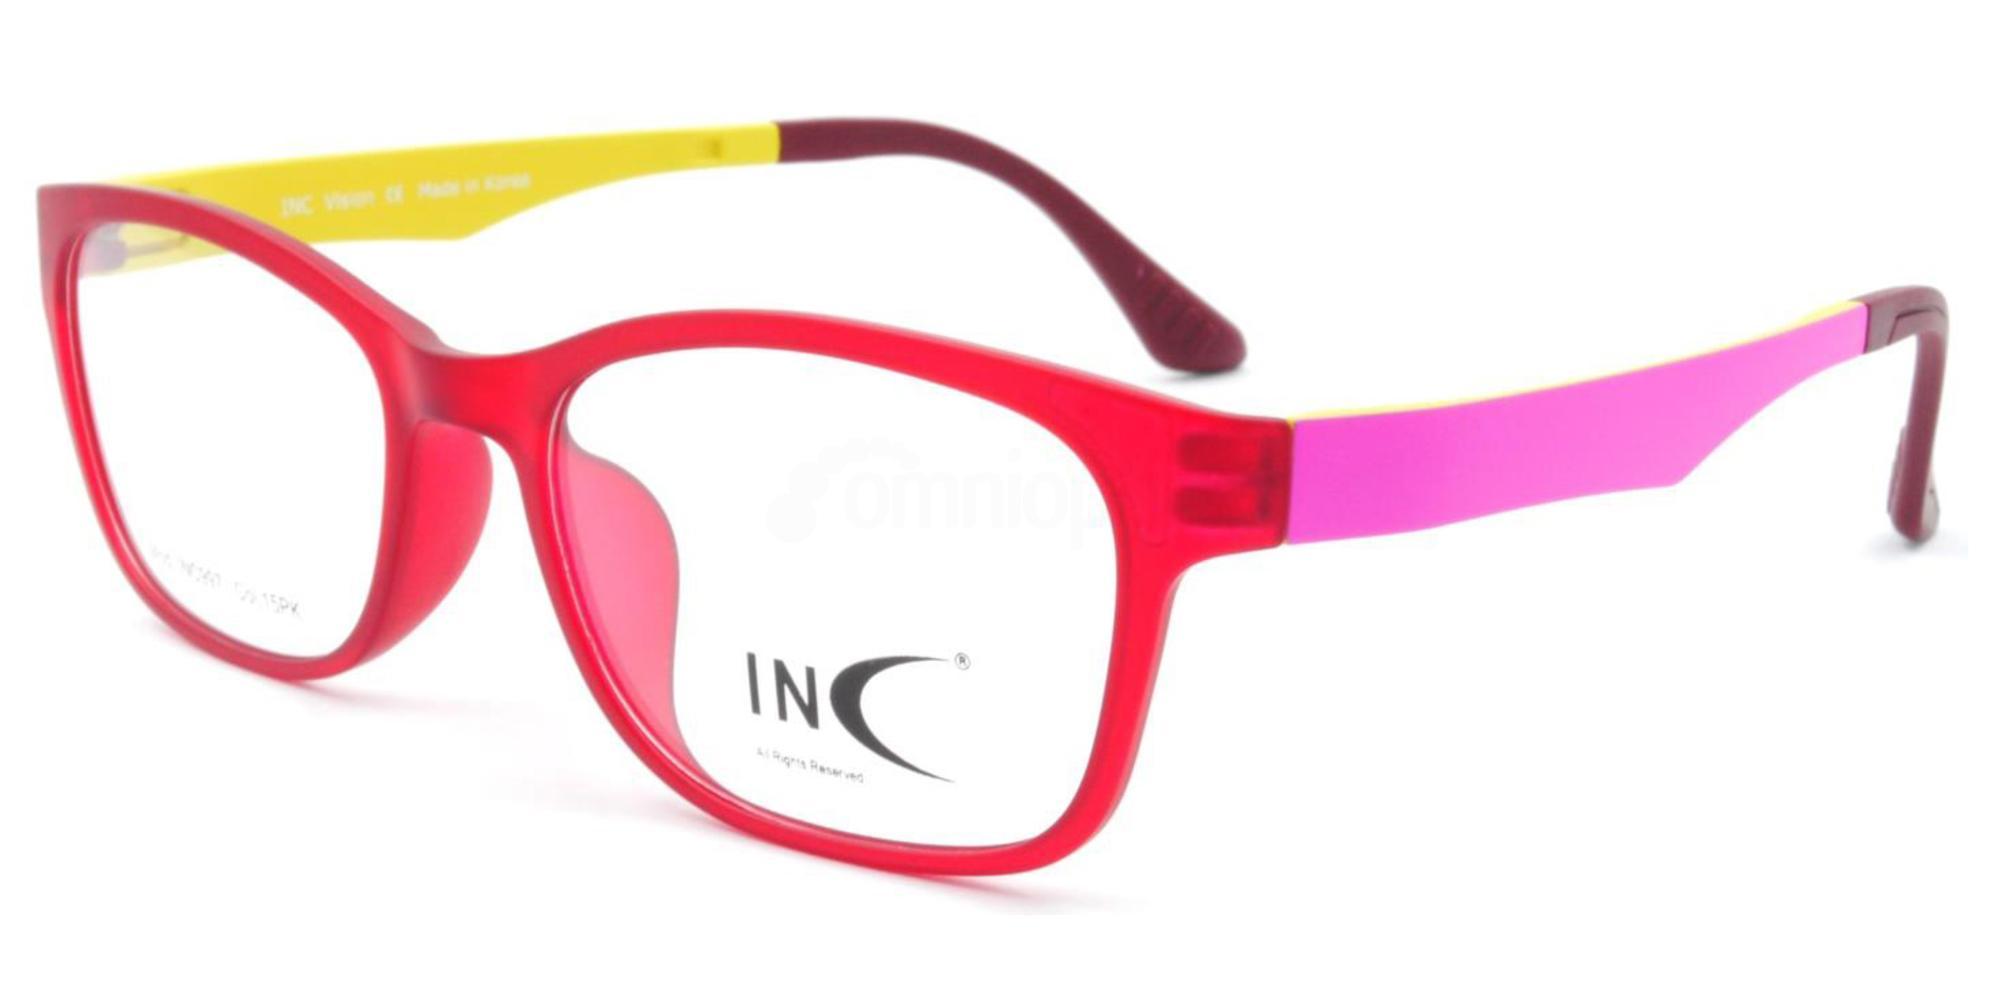 15PK INC 997 , INC Vision